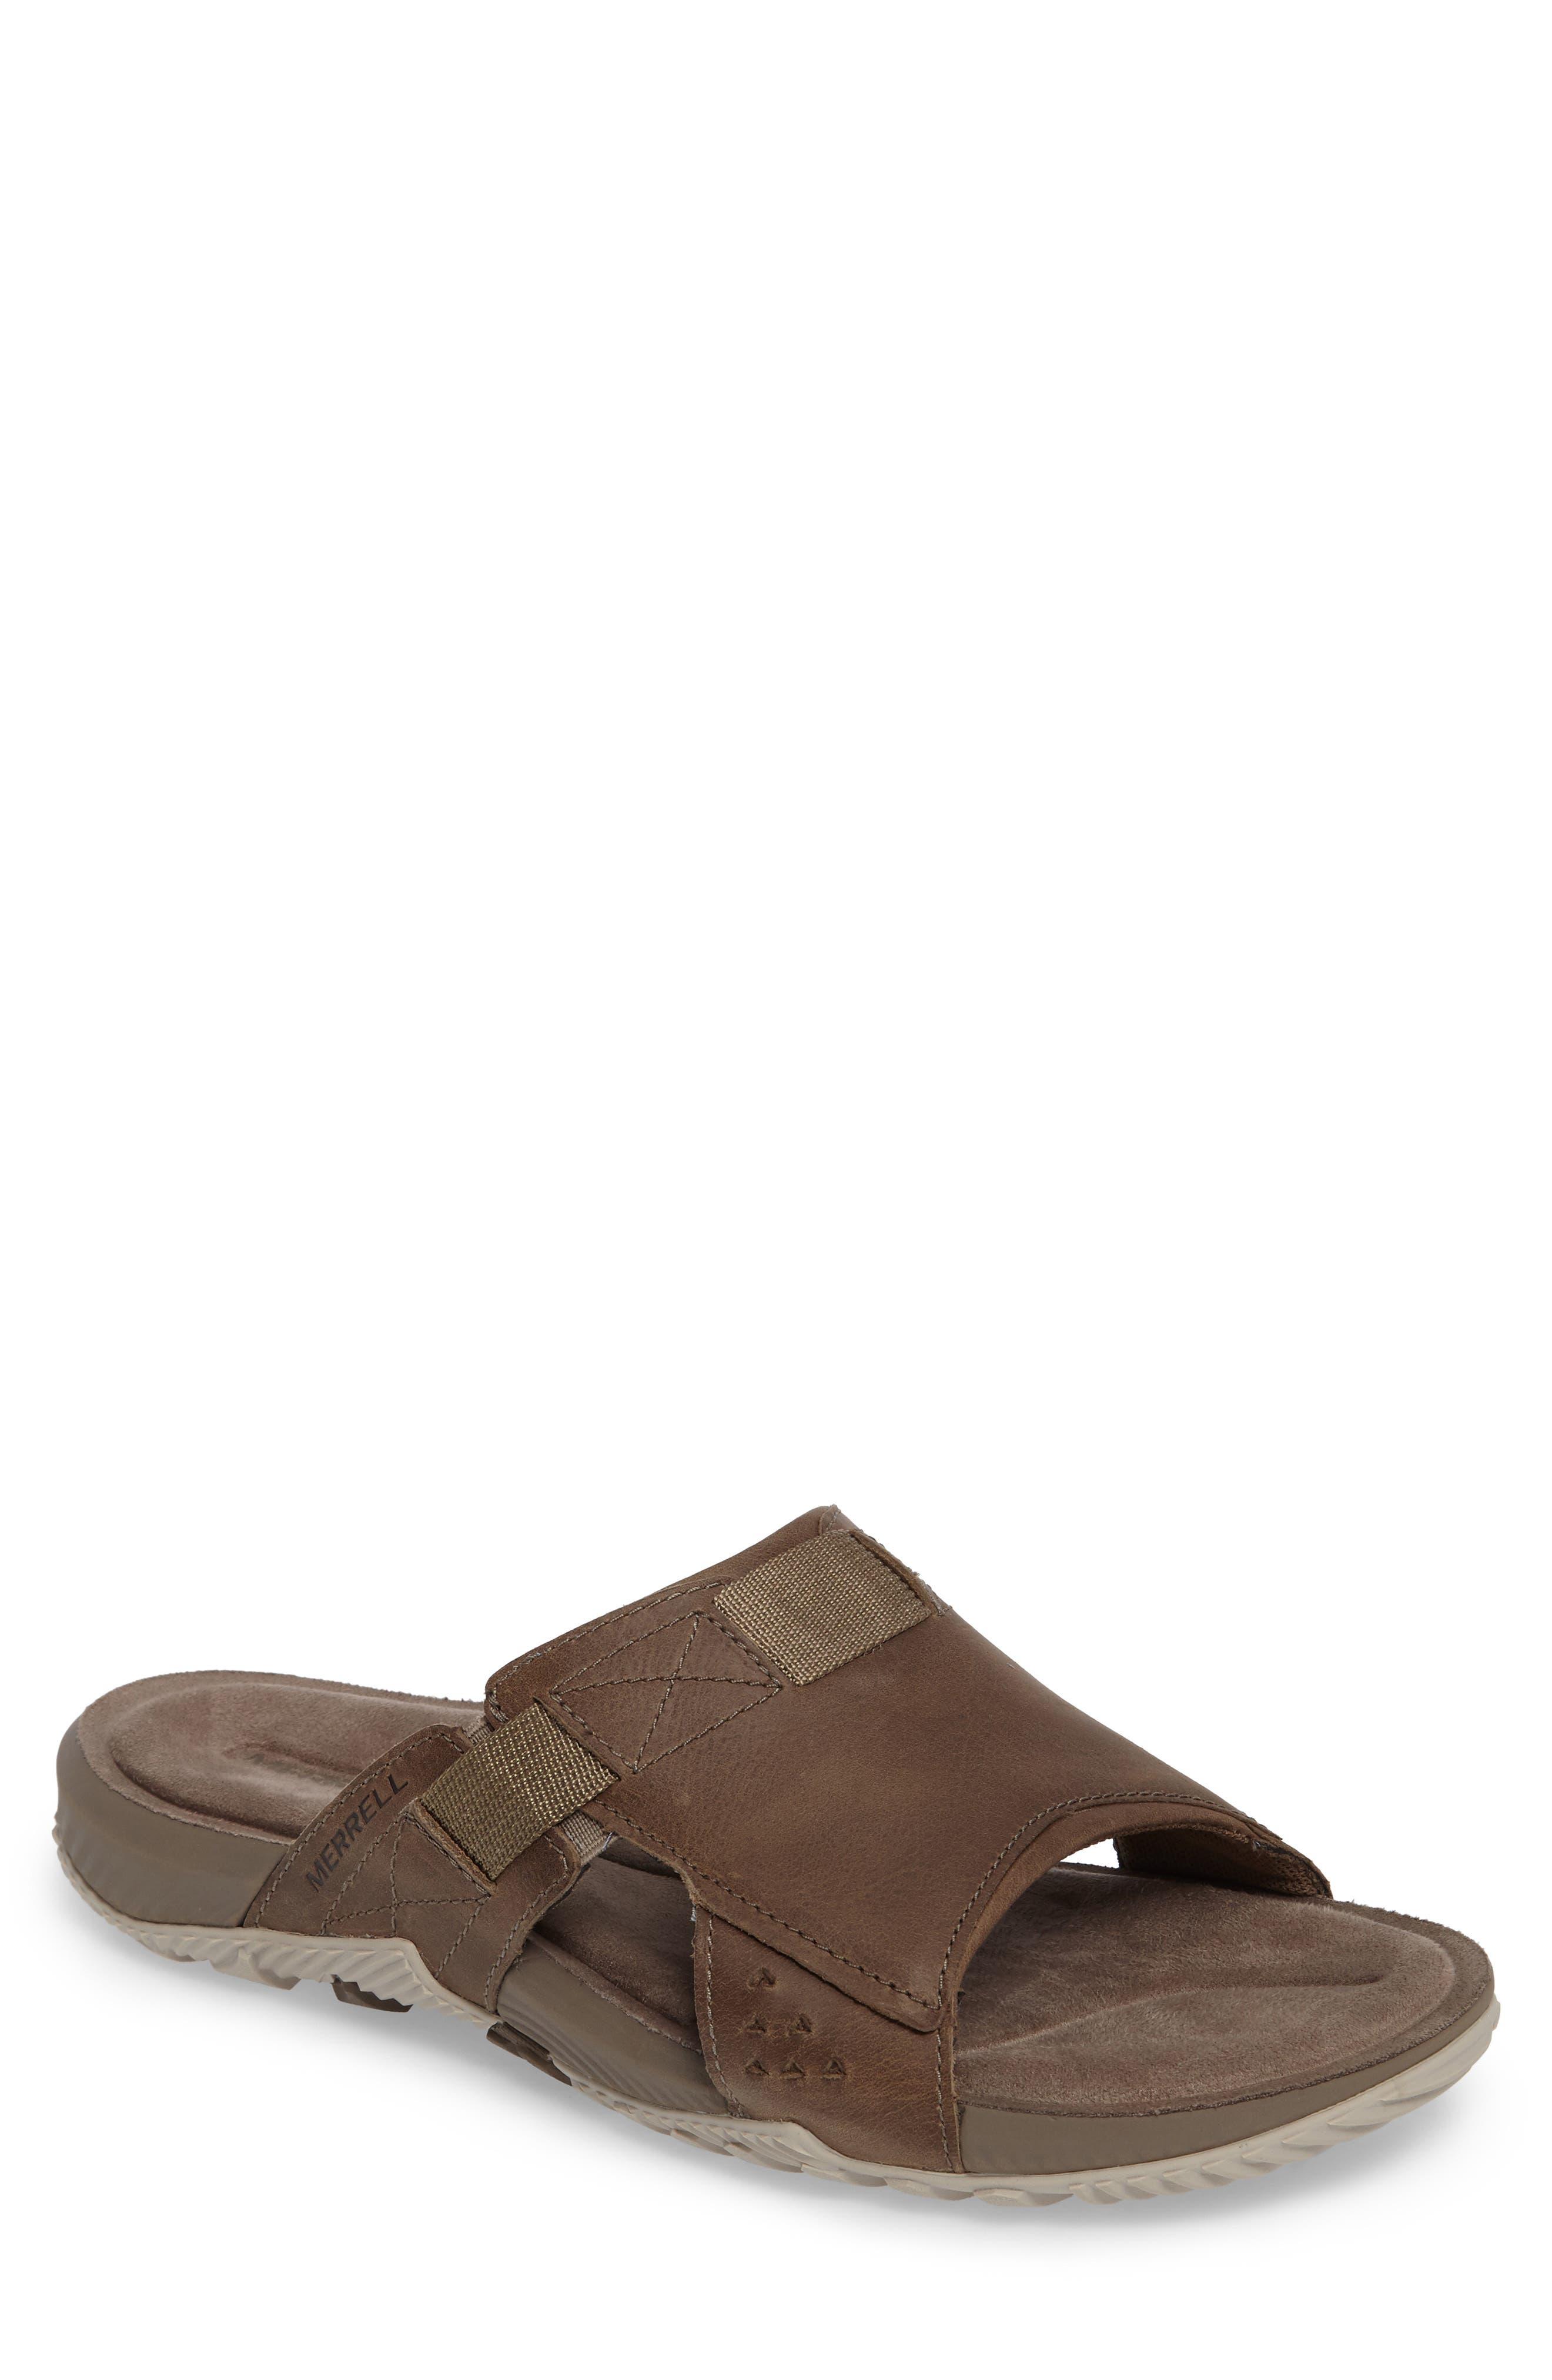 Alternate Image 1 Selected - Merrell Terrant Slide Sandal (Men)